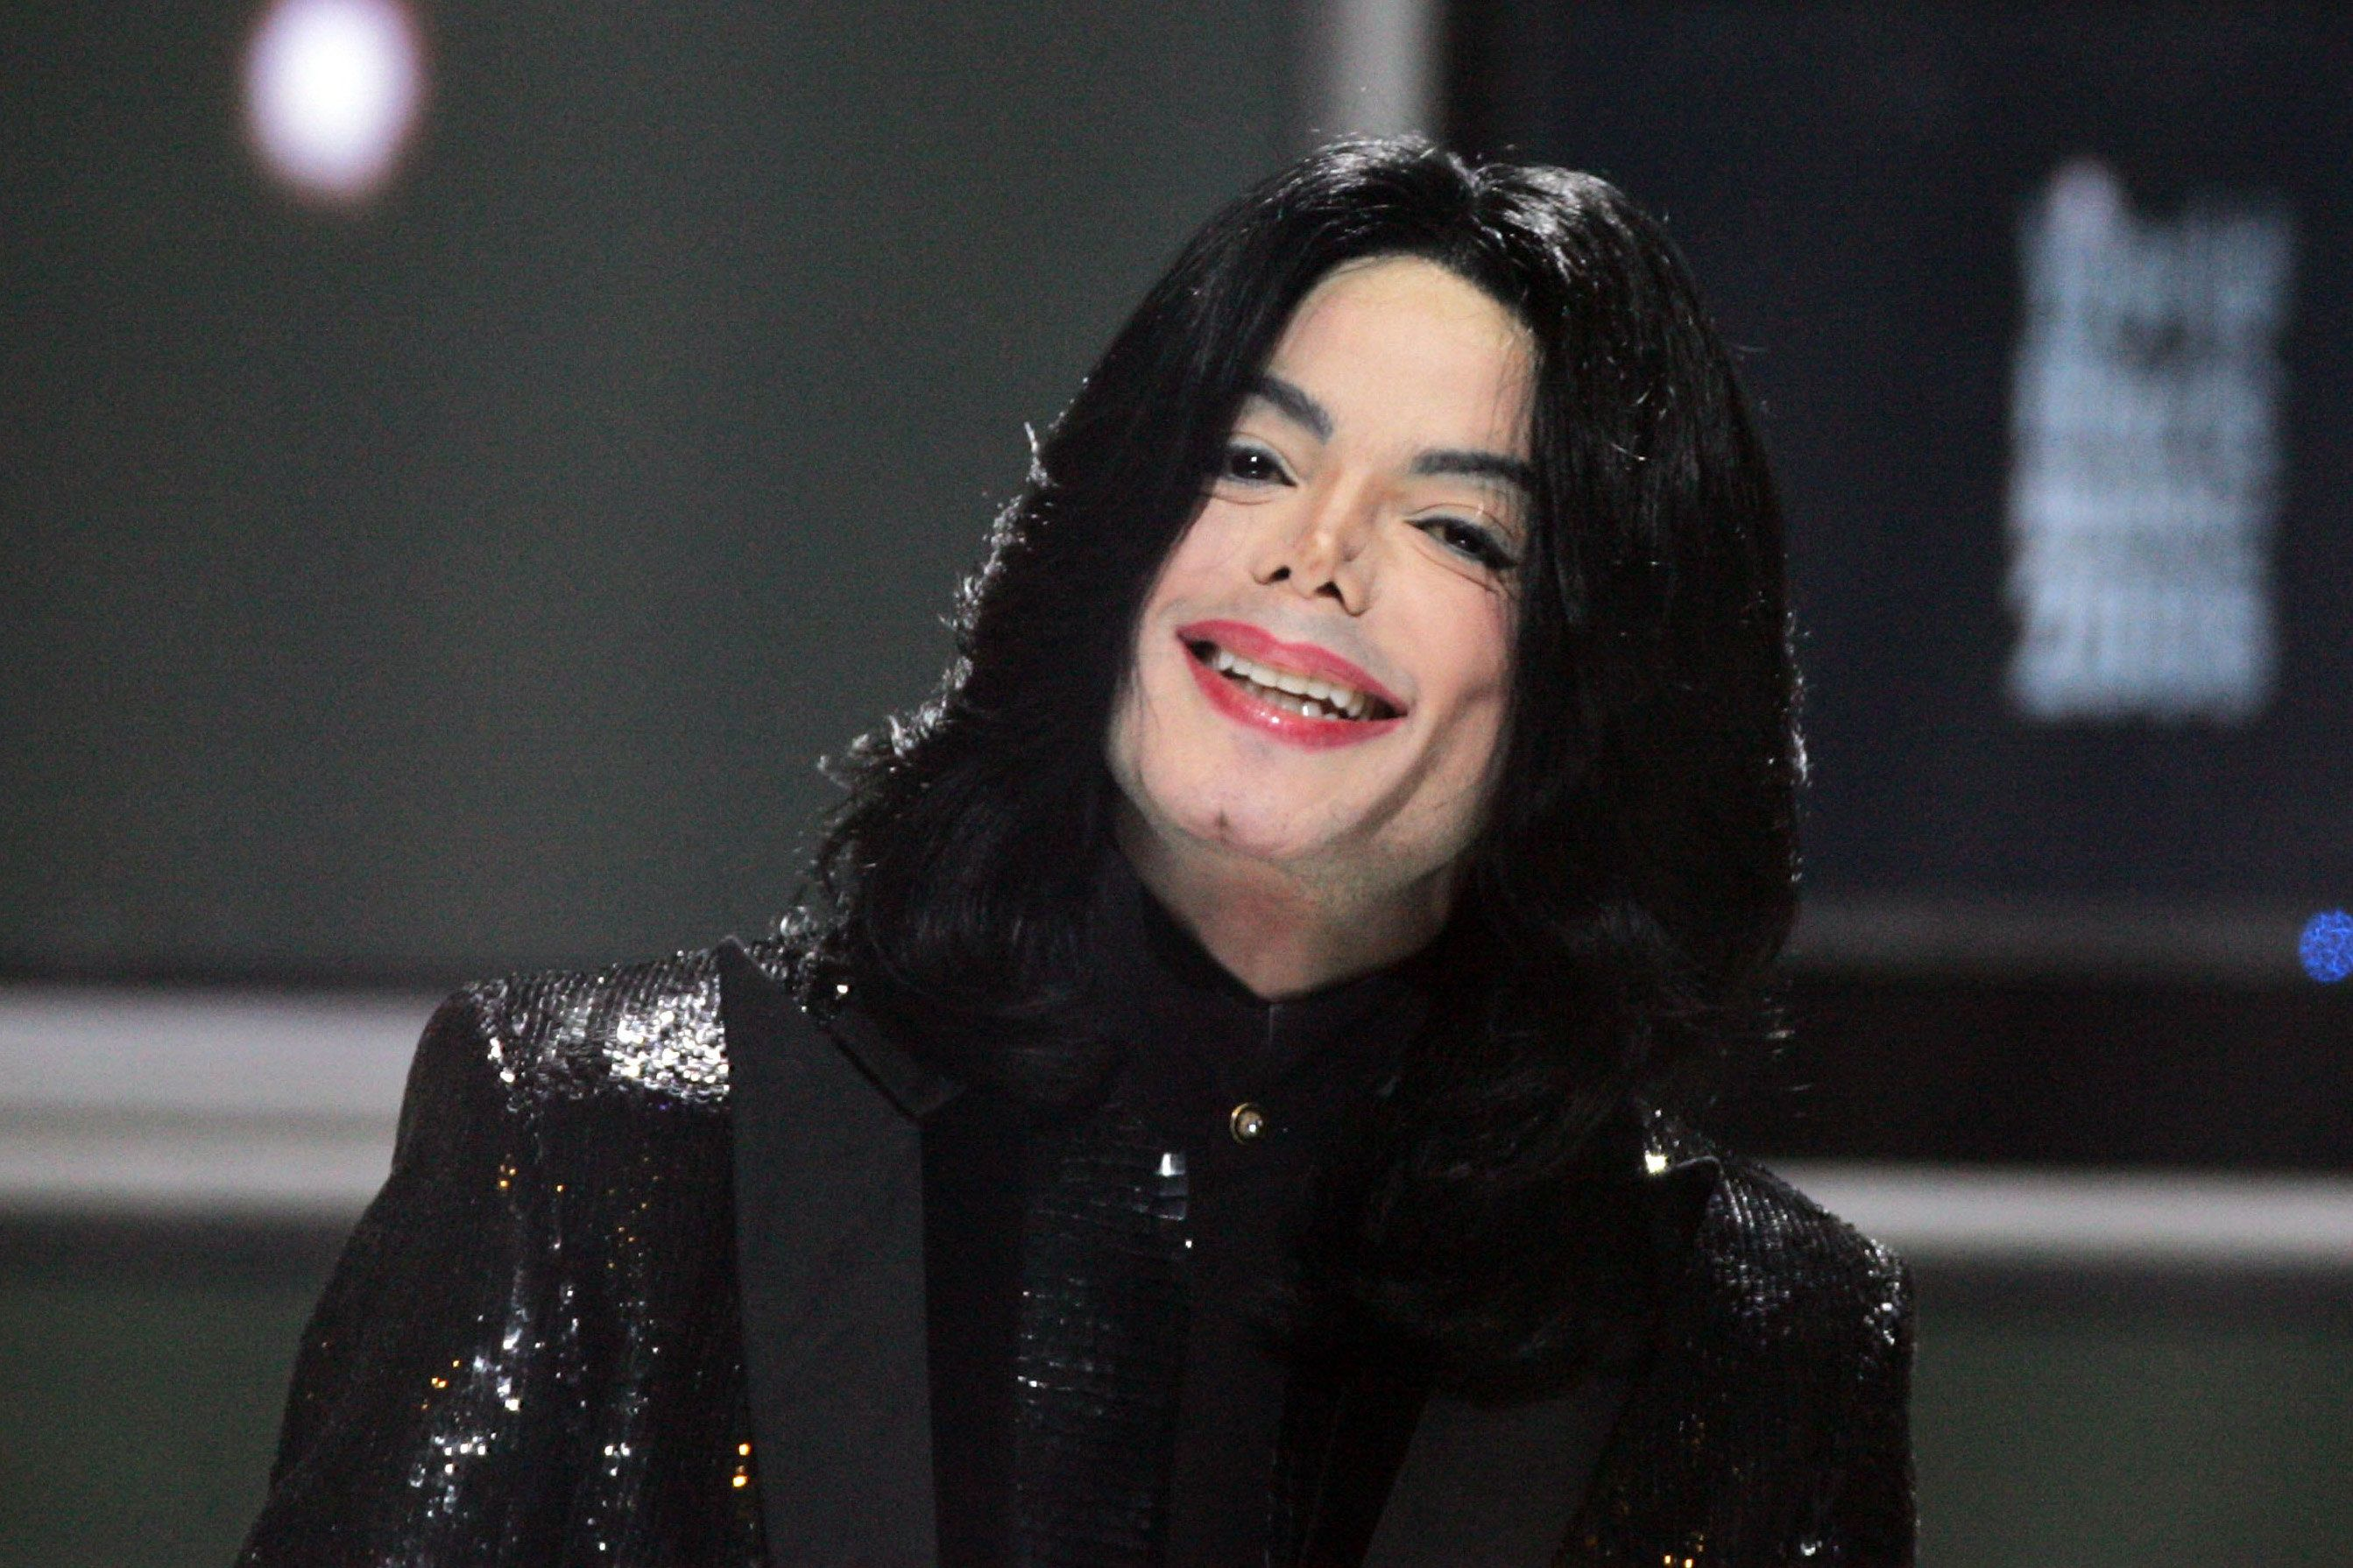 La voz de Michael Jackson aparece en el nuevo disco de Drake